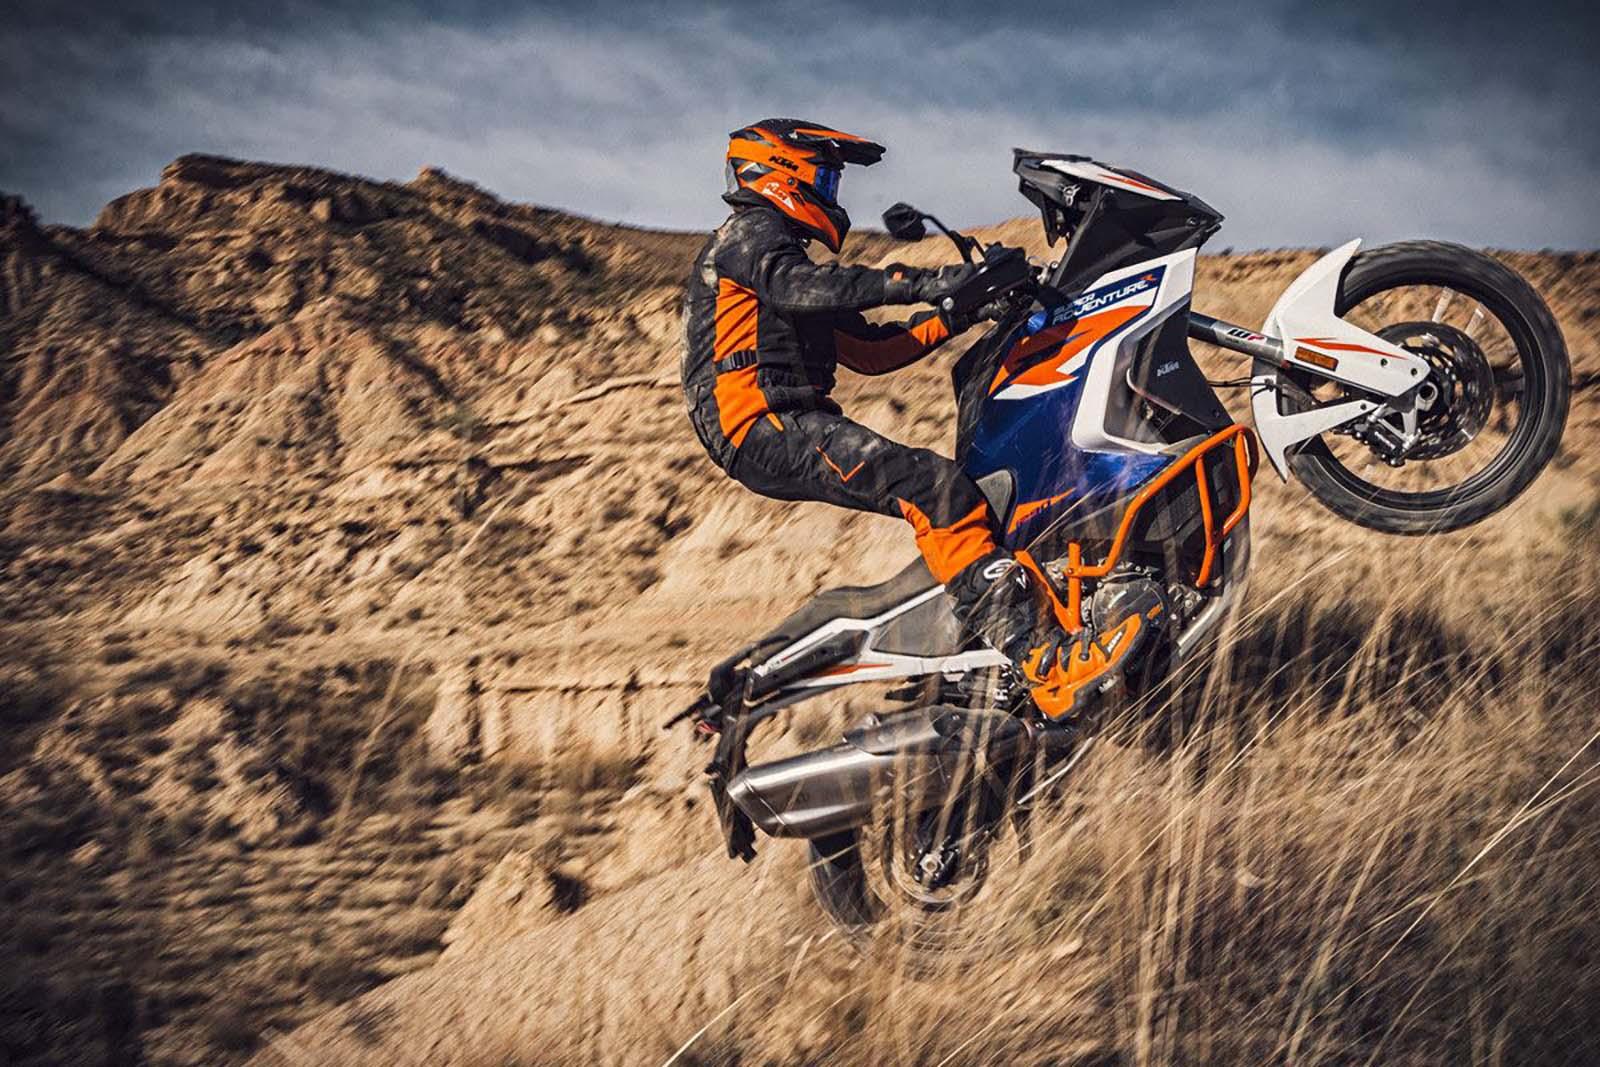 Обновленный KTM 1290 Super Adventure R появится в 2021 году, как и ожидалось